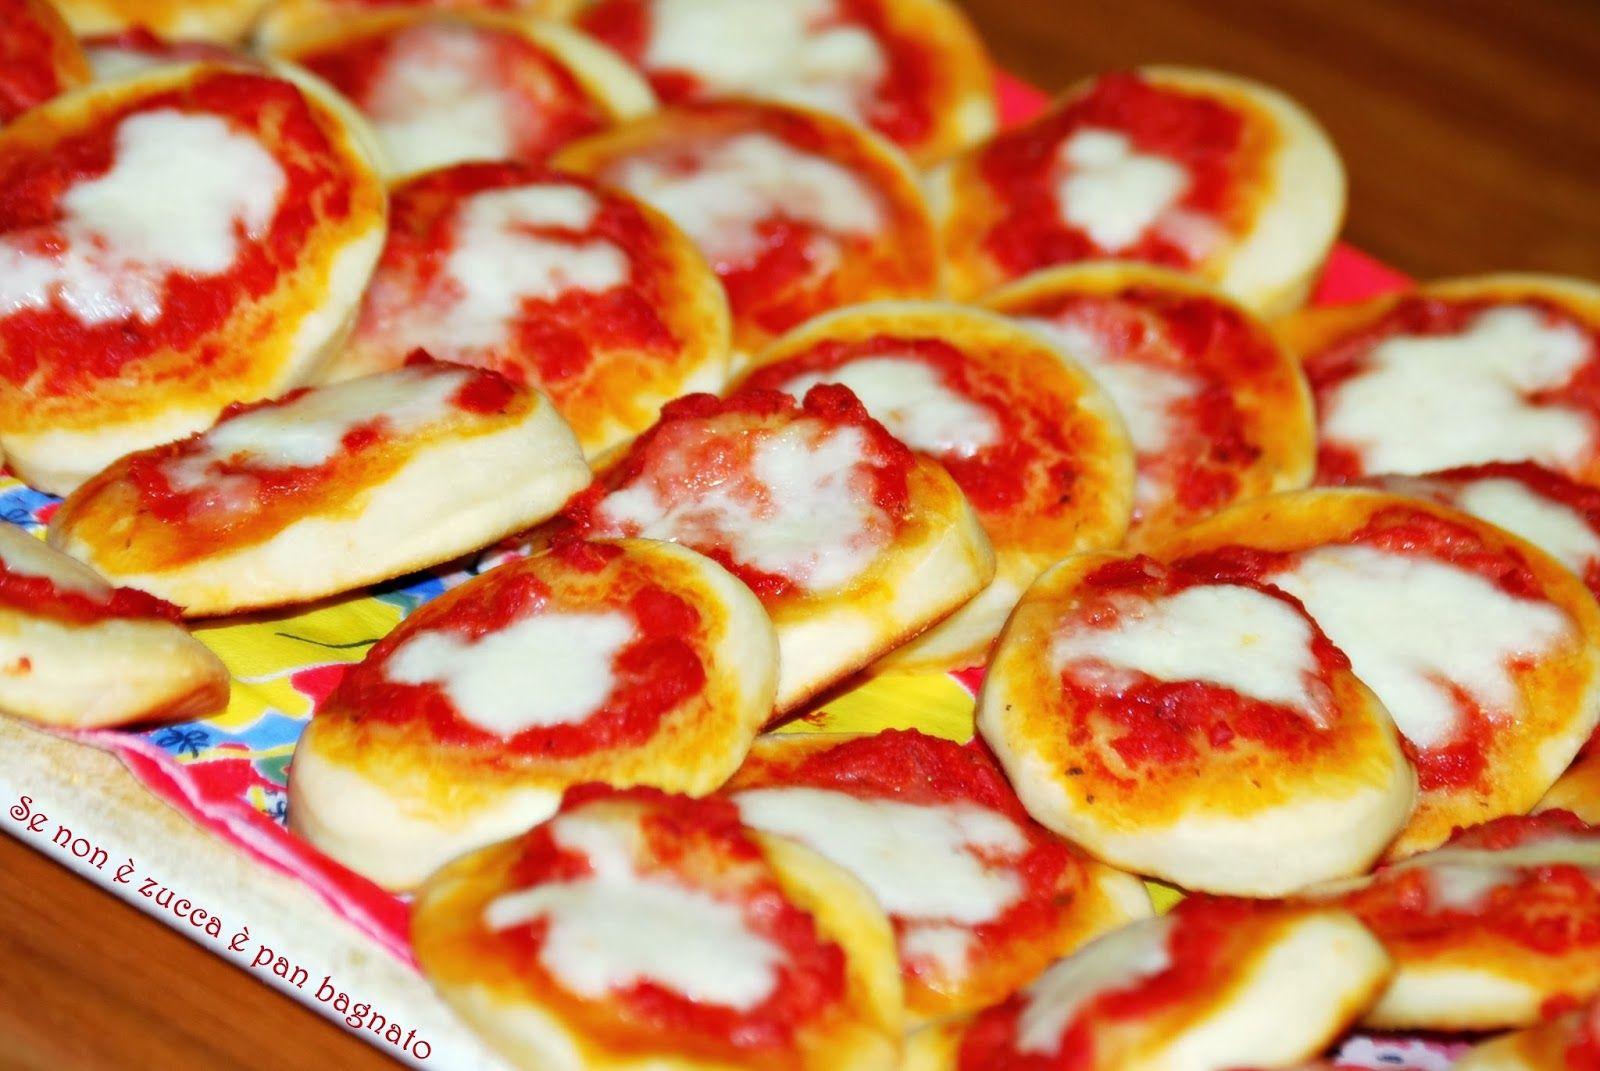 Se non è zucca è pan bagnato: Pizzette da buffet con lievito madre